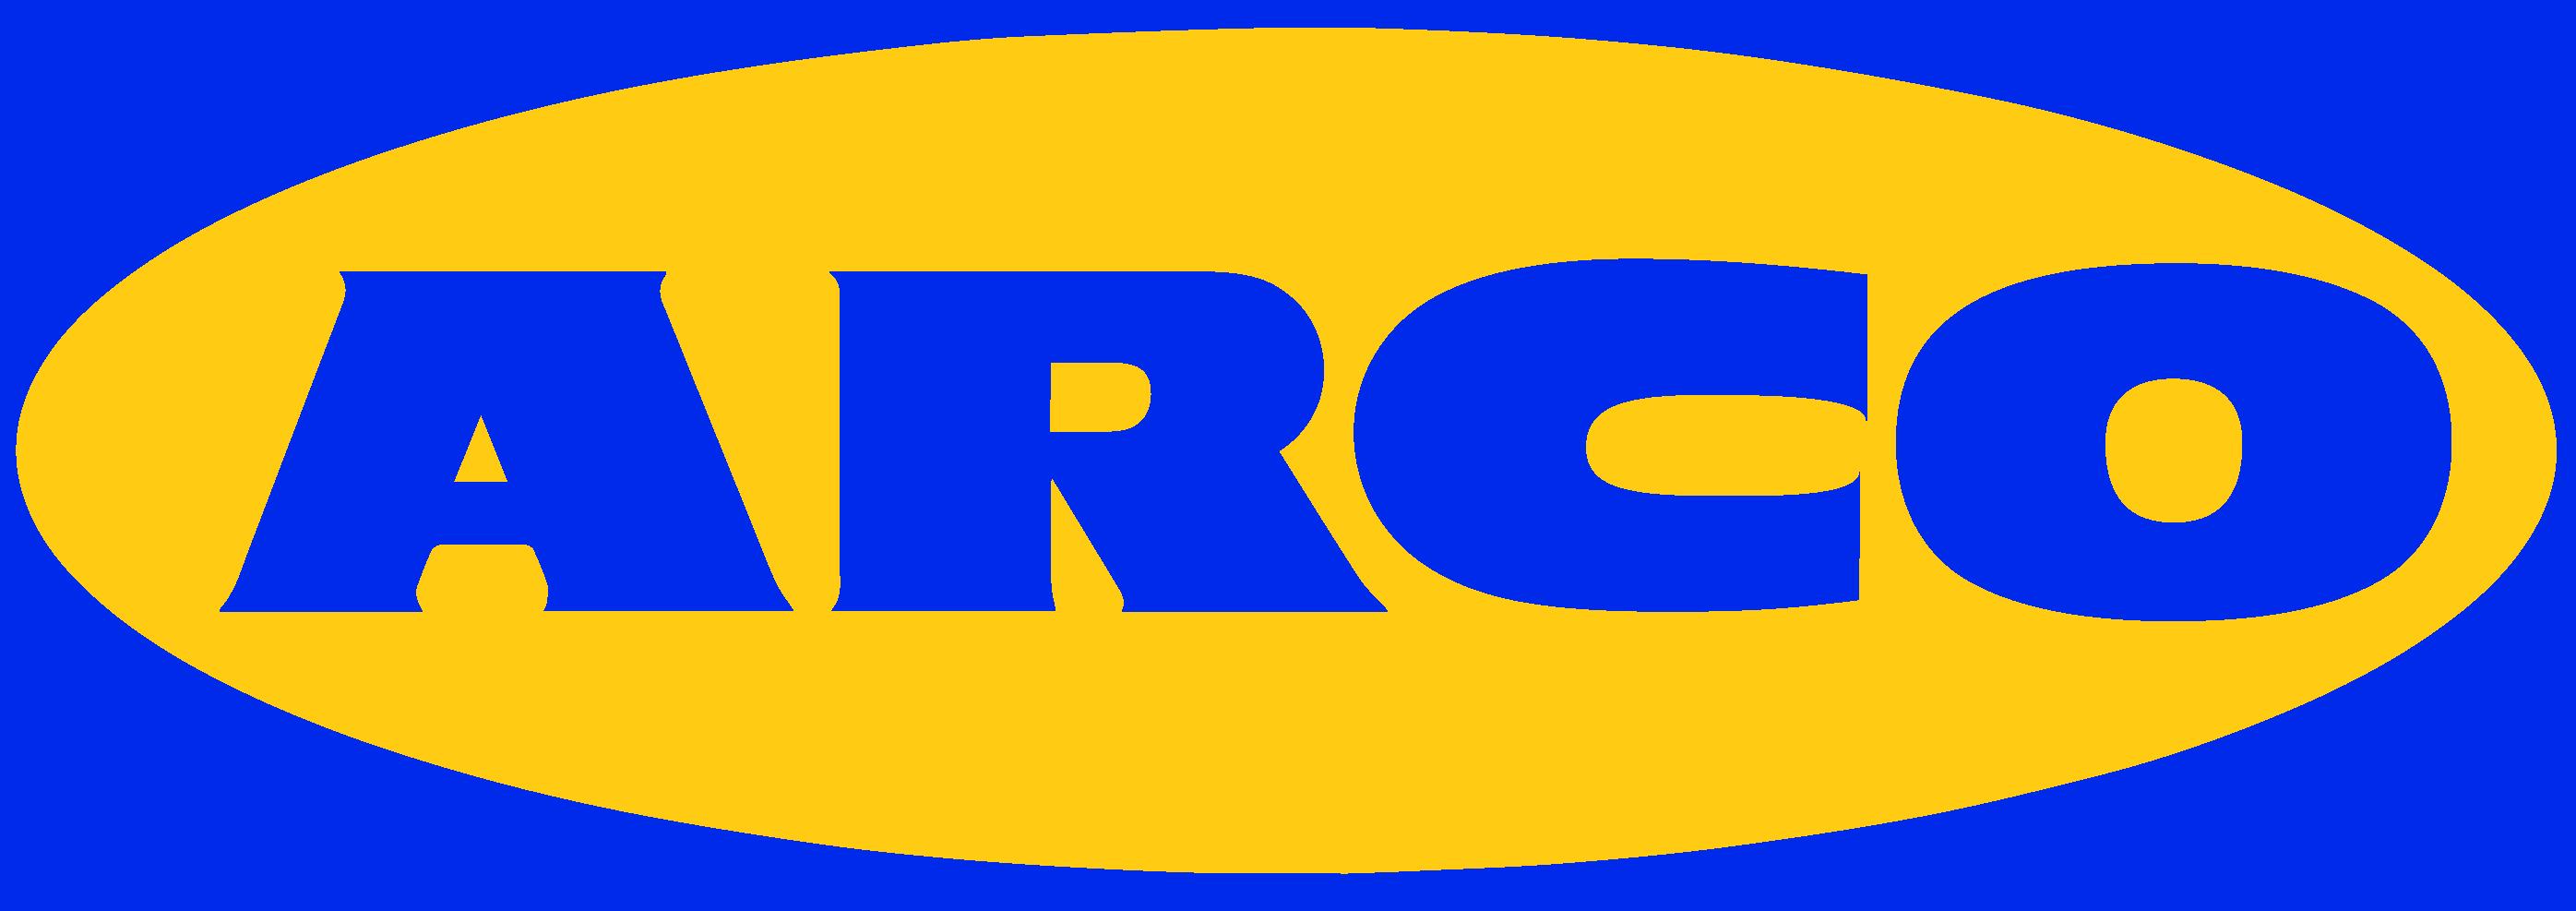 ARCO-IKEA